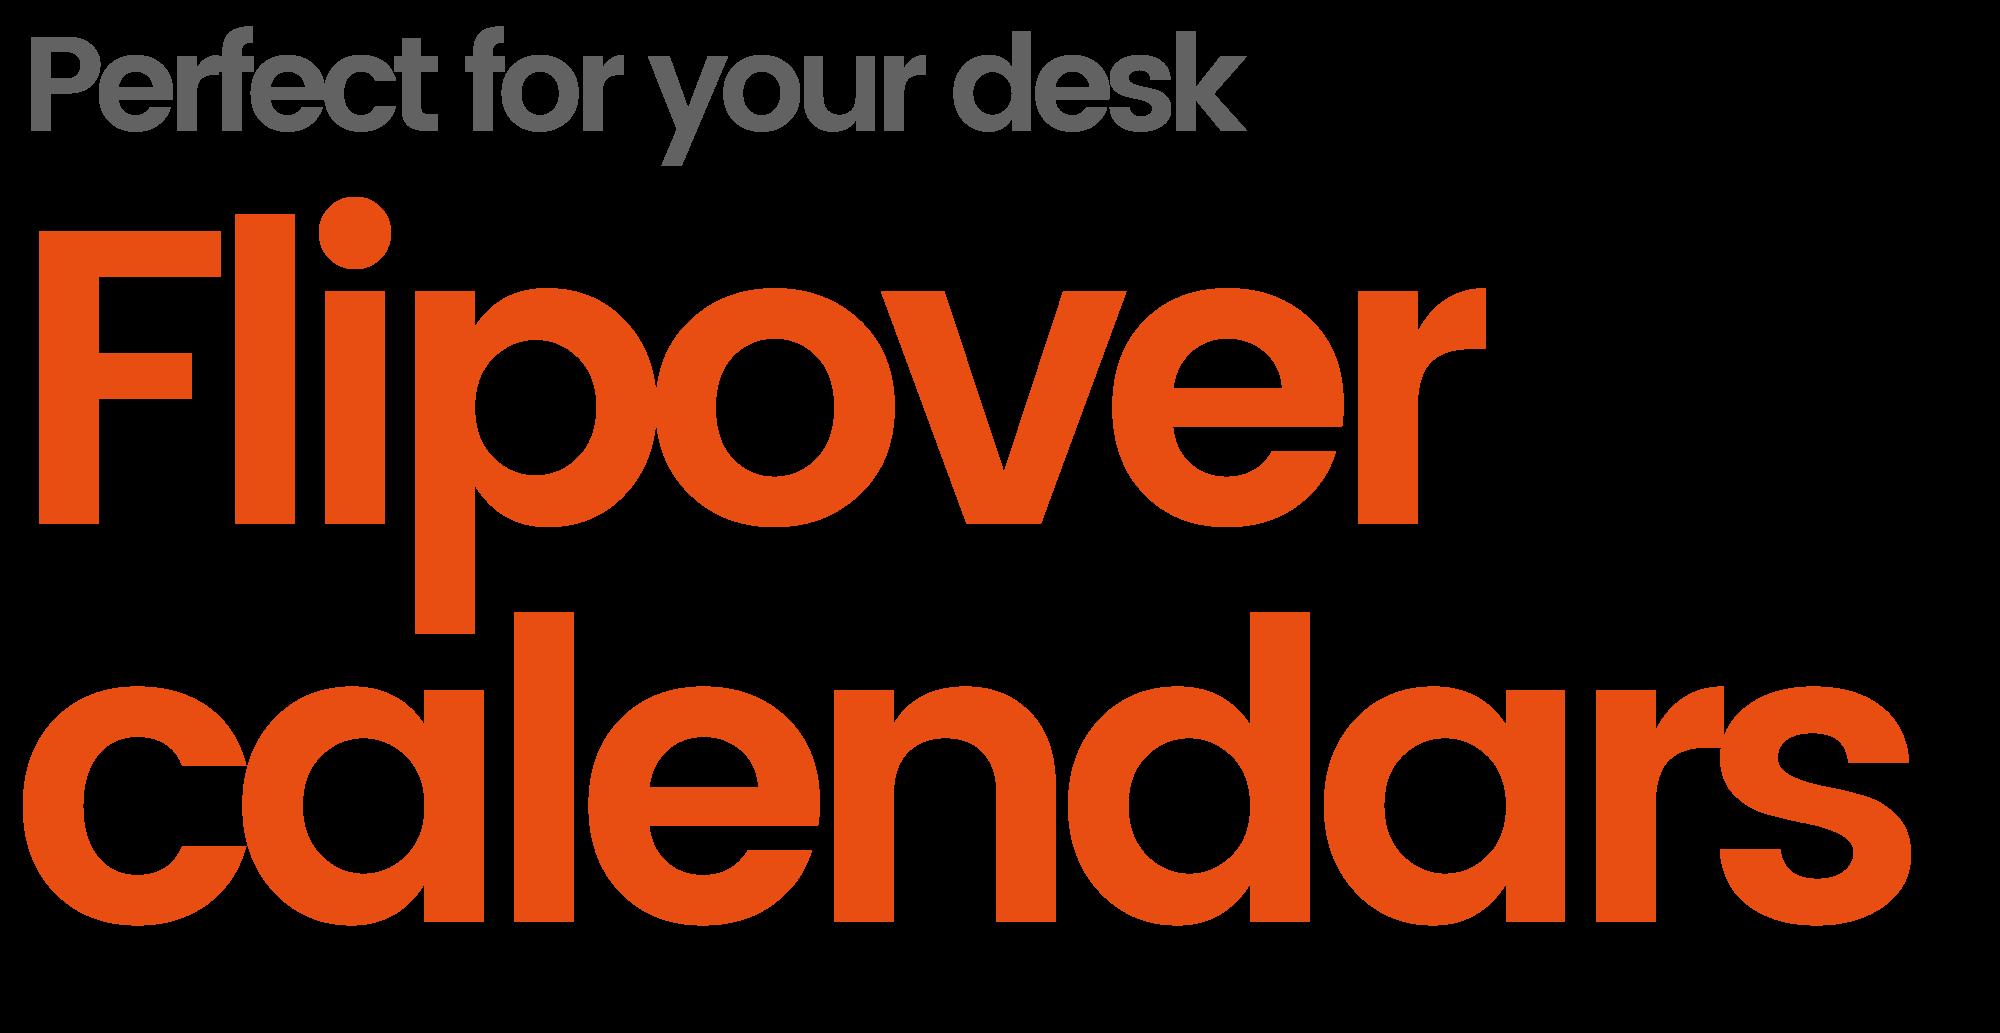 Flip over desk calendars